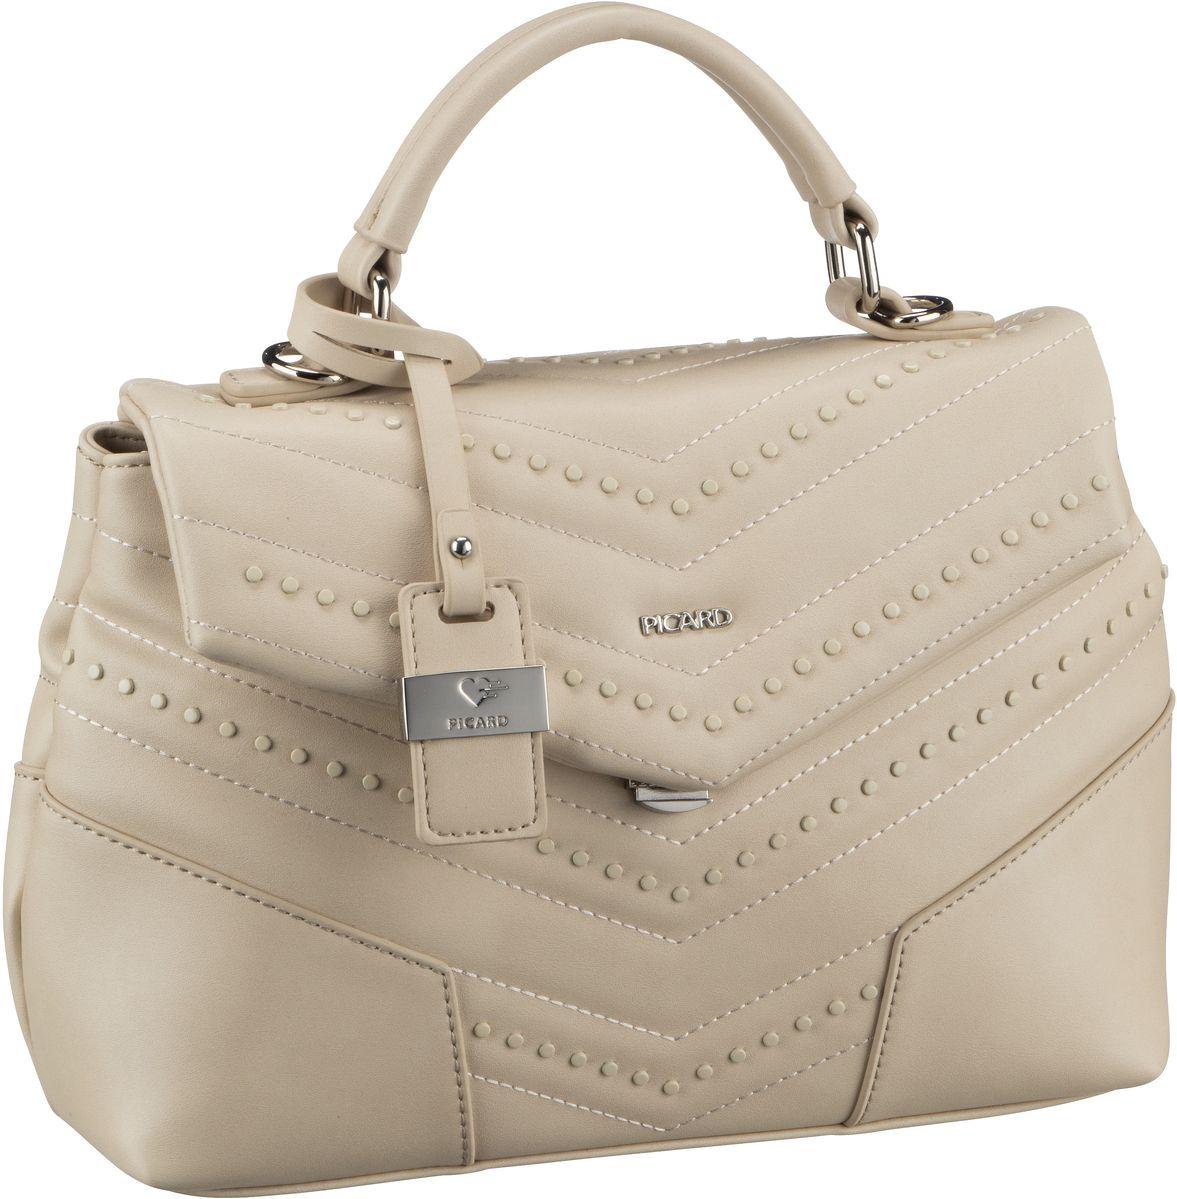 d9305eaa18c26 Picard Handtaschen im Outlet Angebote kaufen – Handtaschenhaus